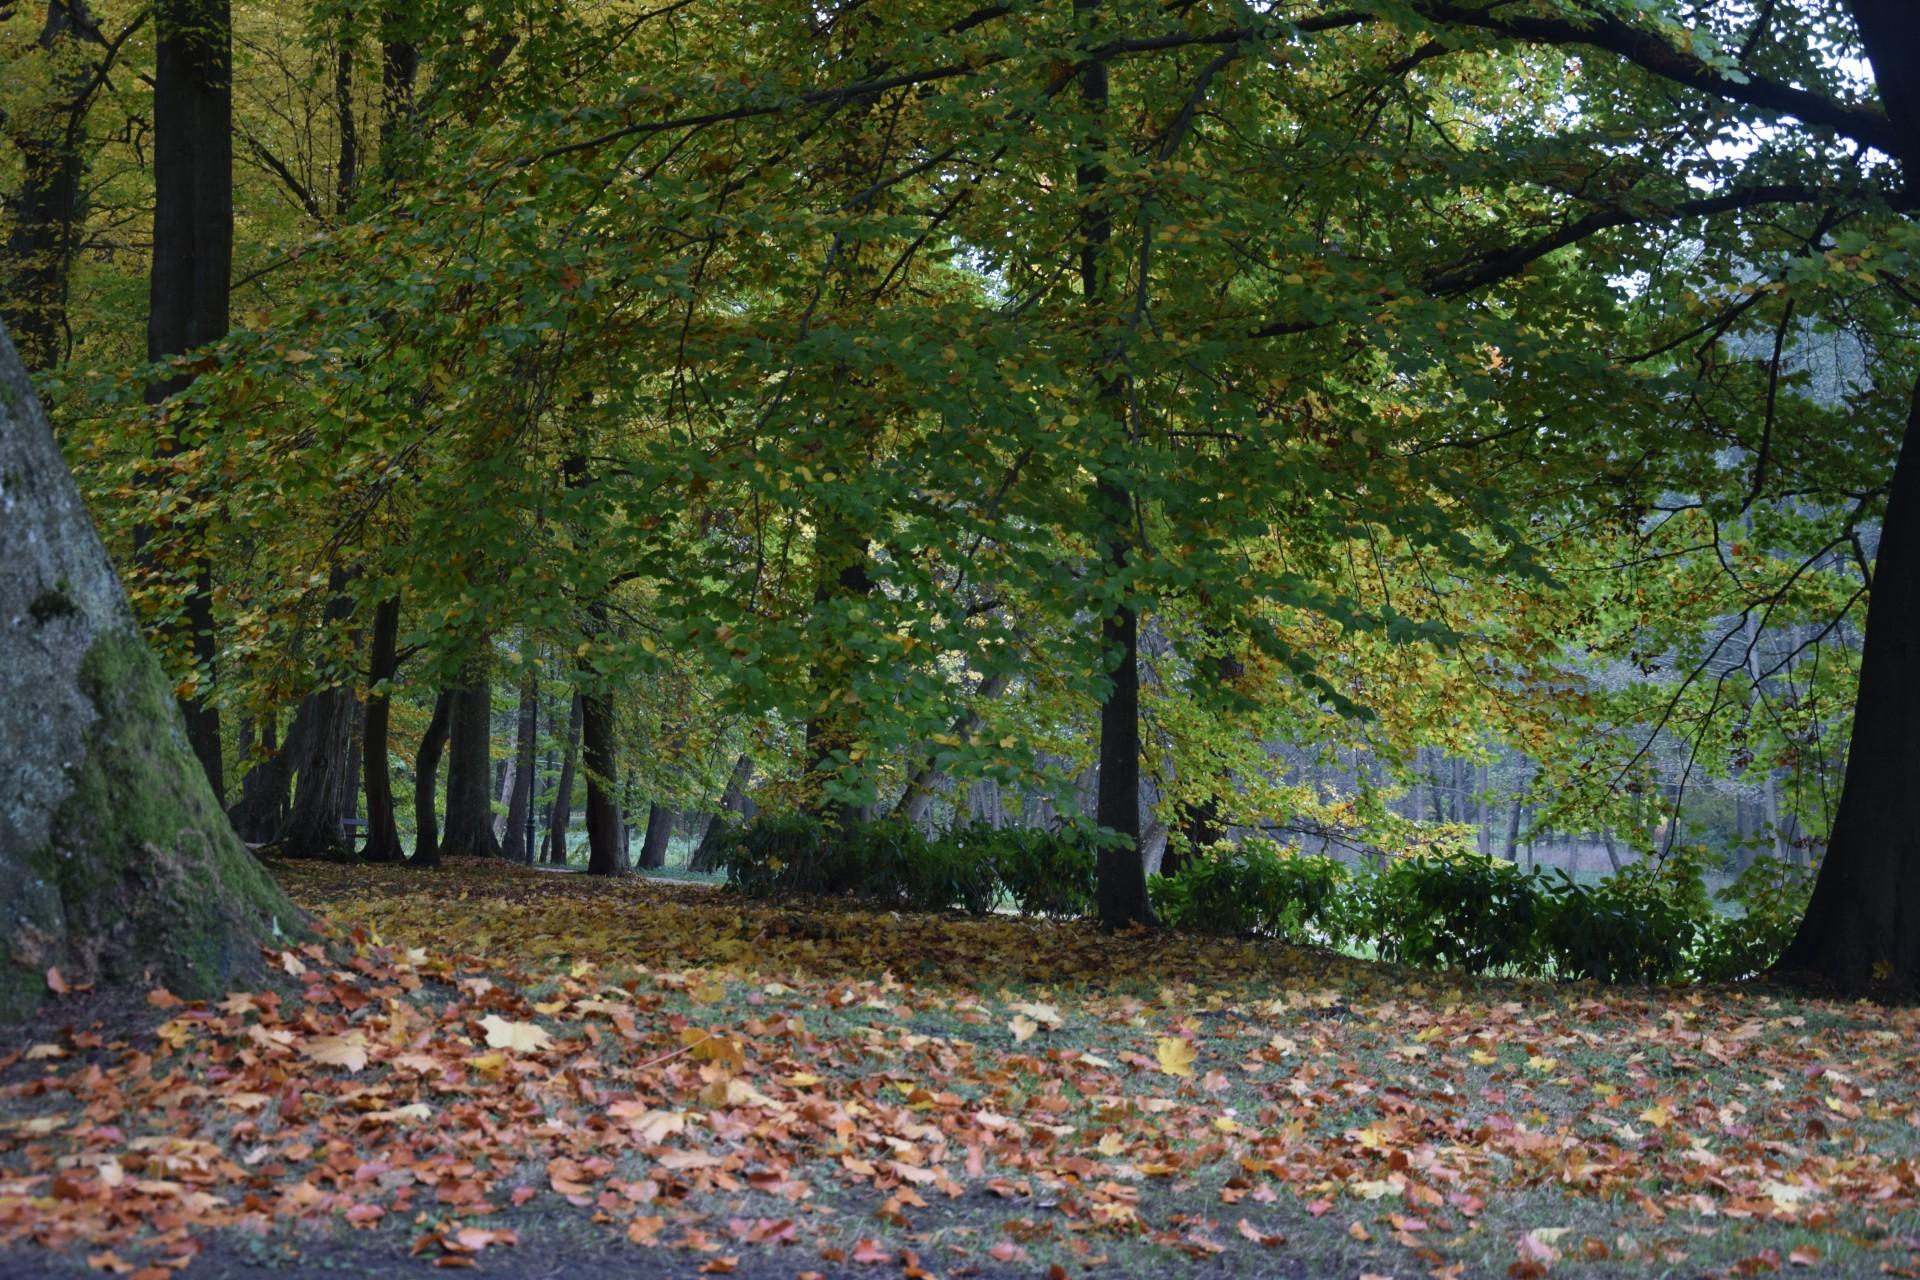 Foki w parku w Wejherowie. To dobry pomysł? 1